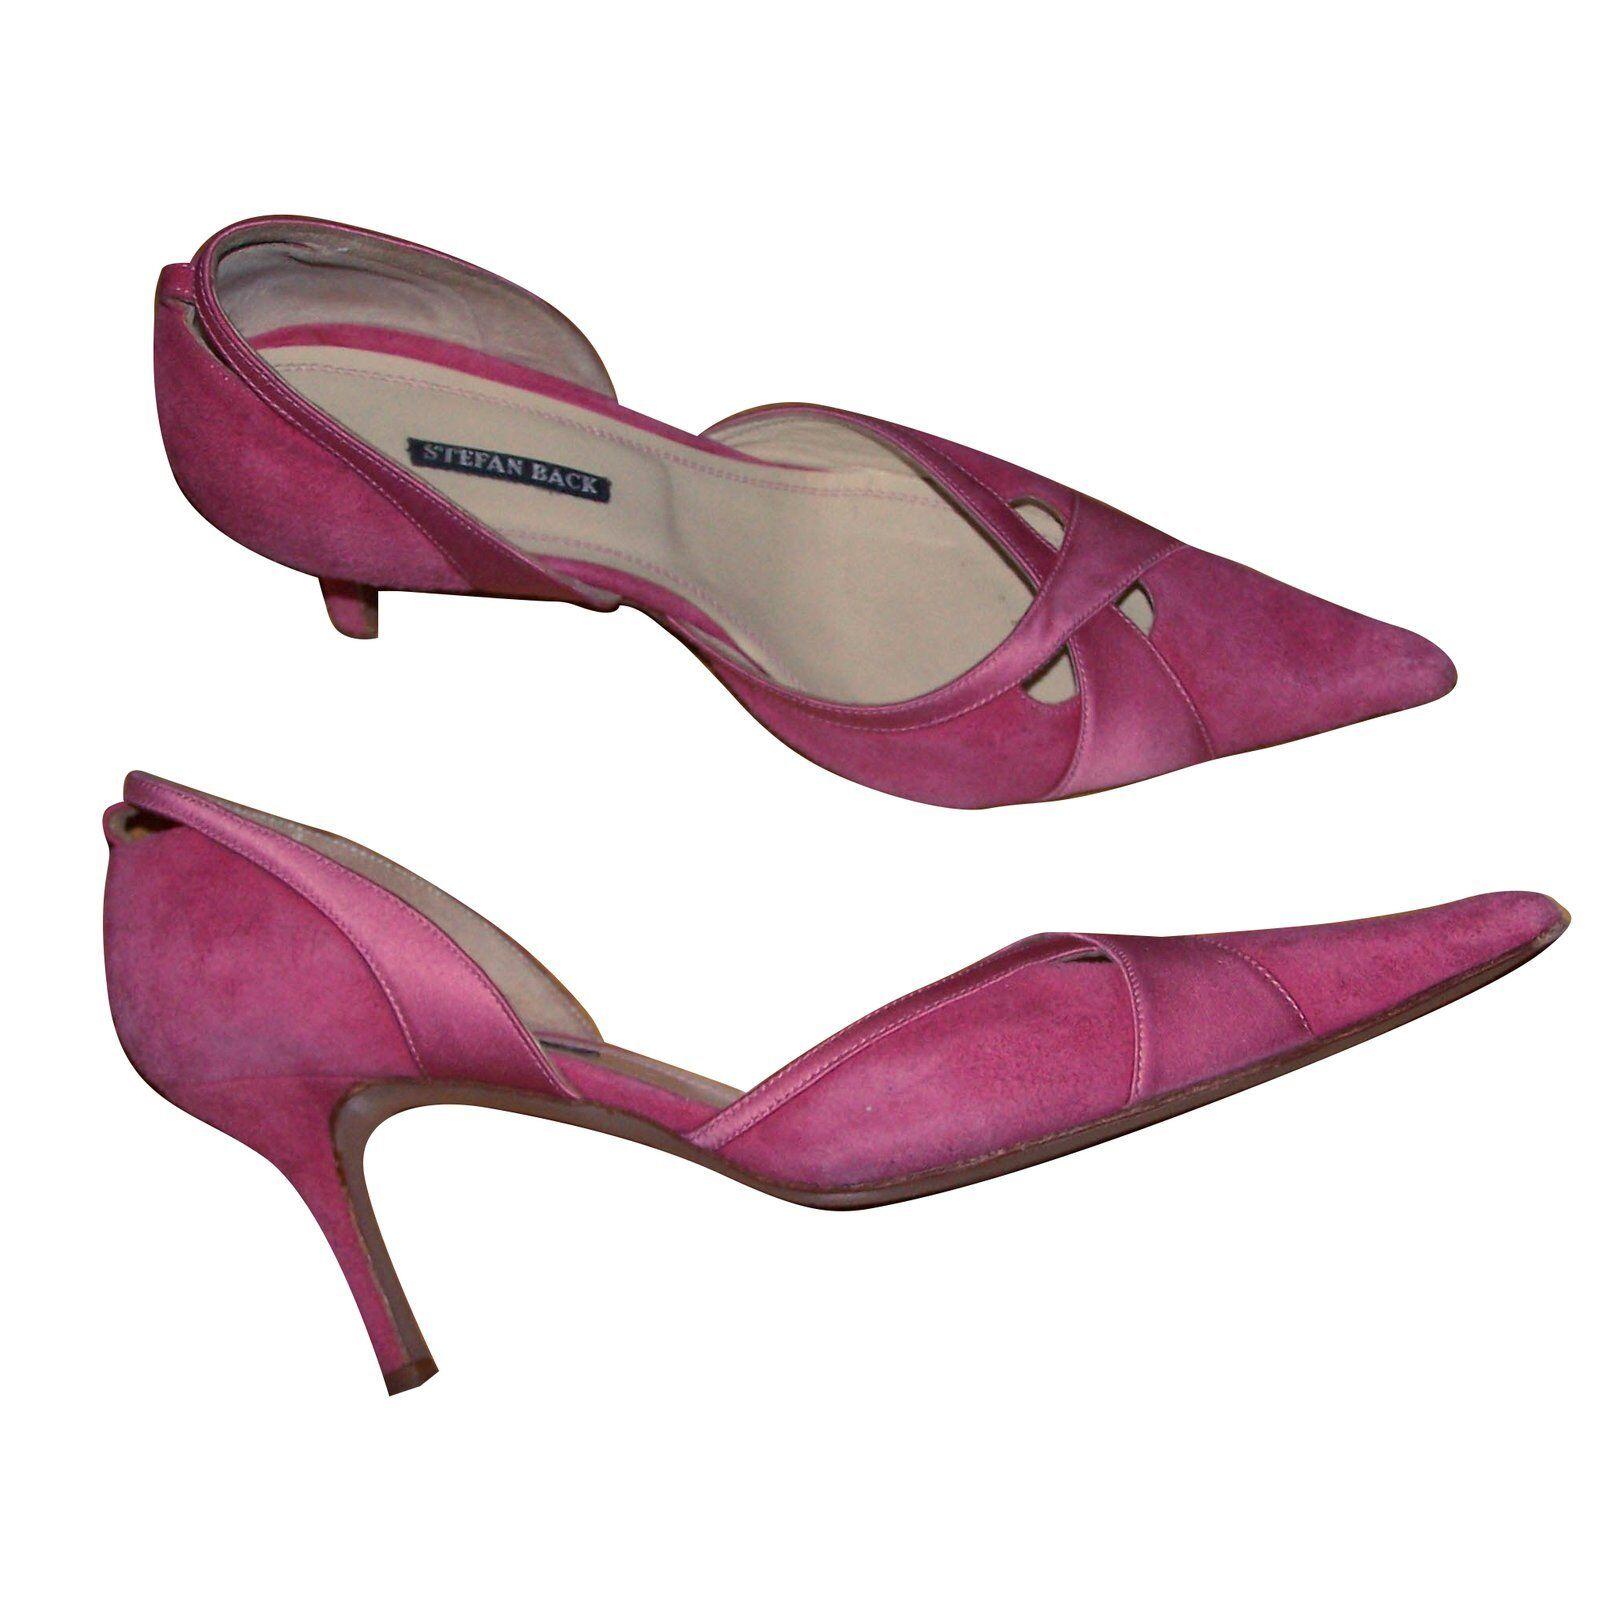 Cómodo y bien parecido � Superbes escarpins rose cuir et daim - Stefan Back - T37 �